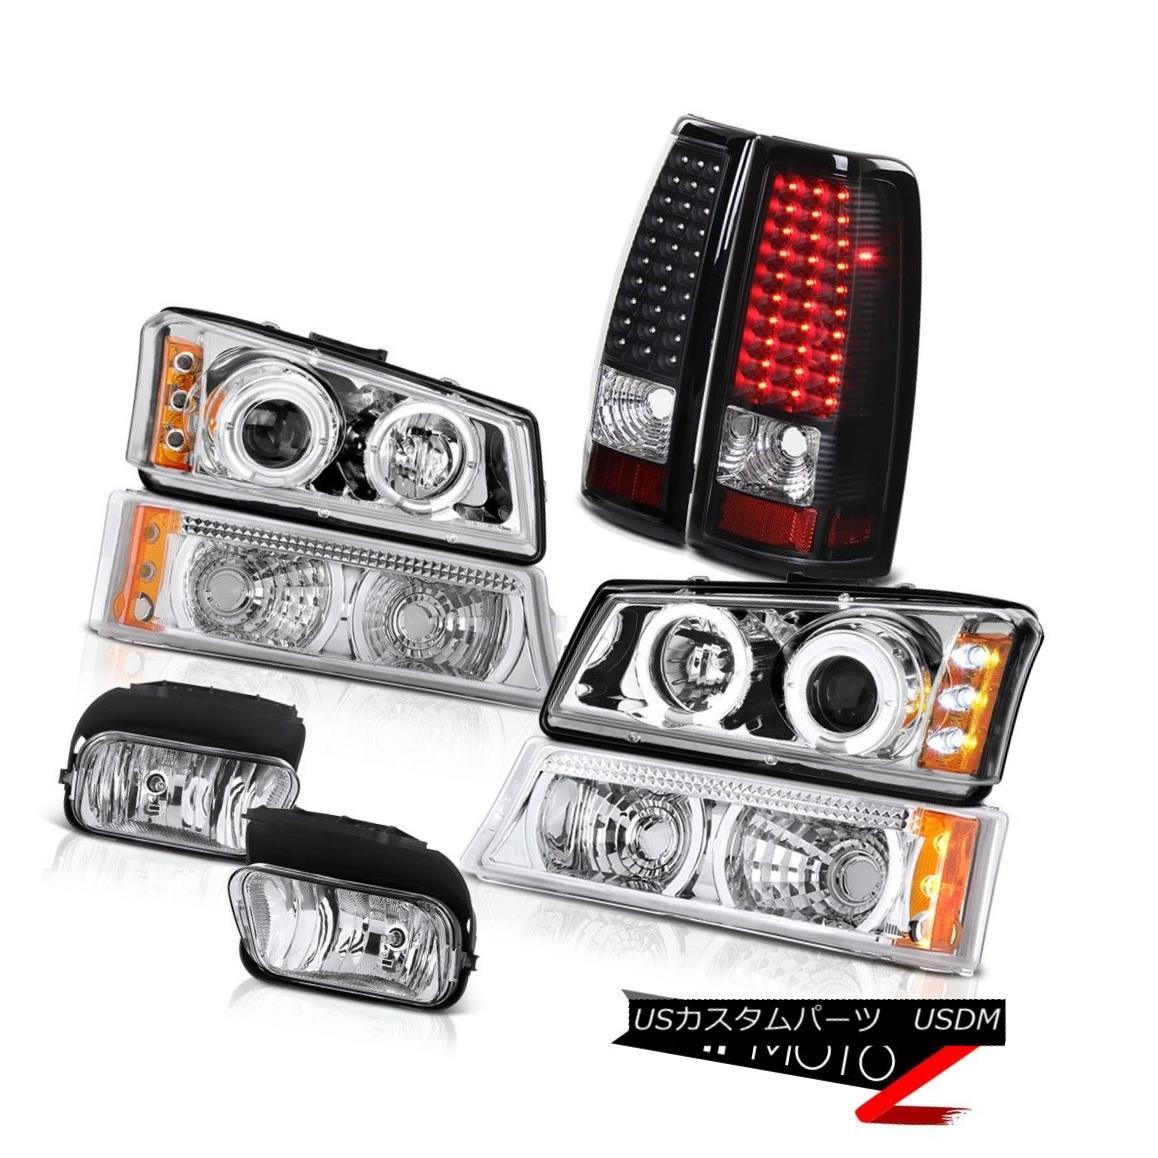 テールライト 2003 2004 Silverado WT LED Angel Eye Headlight Bumper Signal Tail Lamps Foglight 2003年2004 Silverado WT LEDエンジェルアイヘッドライトバンパー信号テールランプFoglight